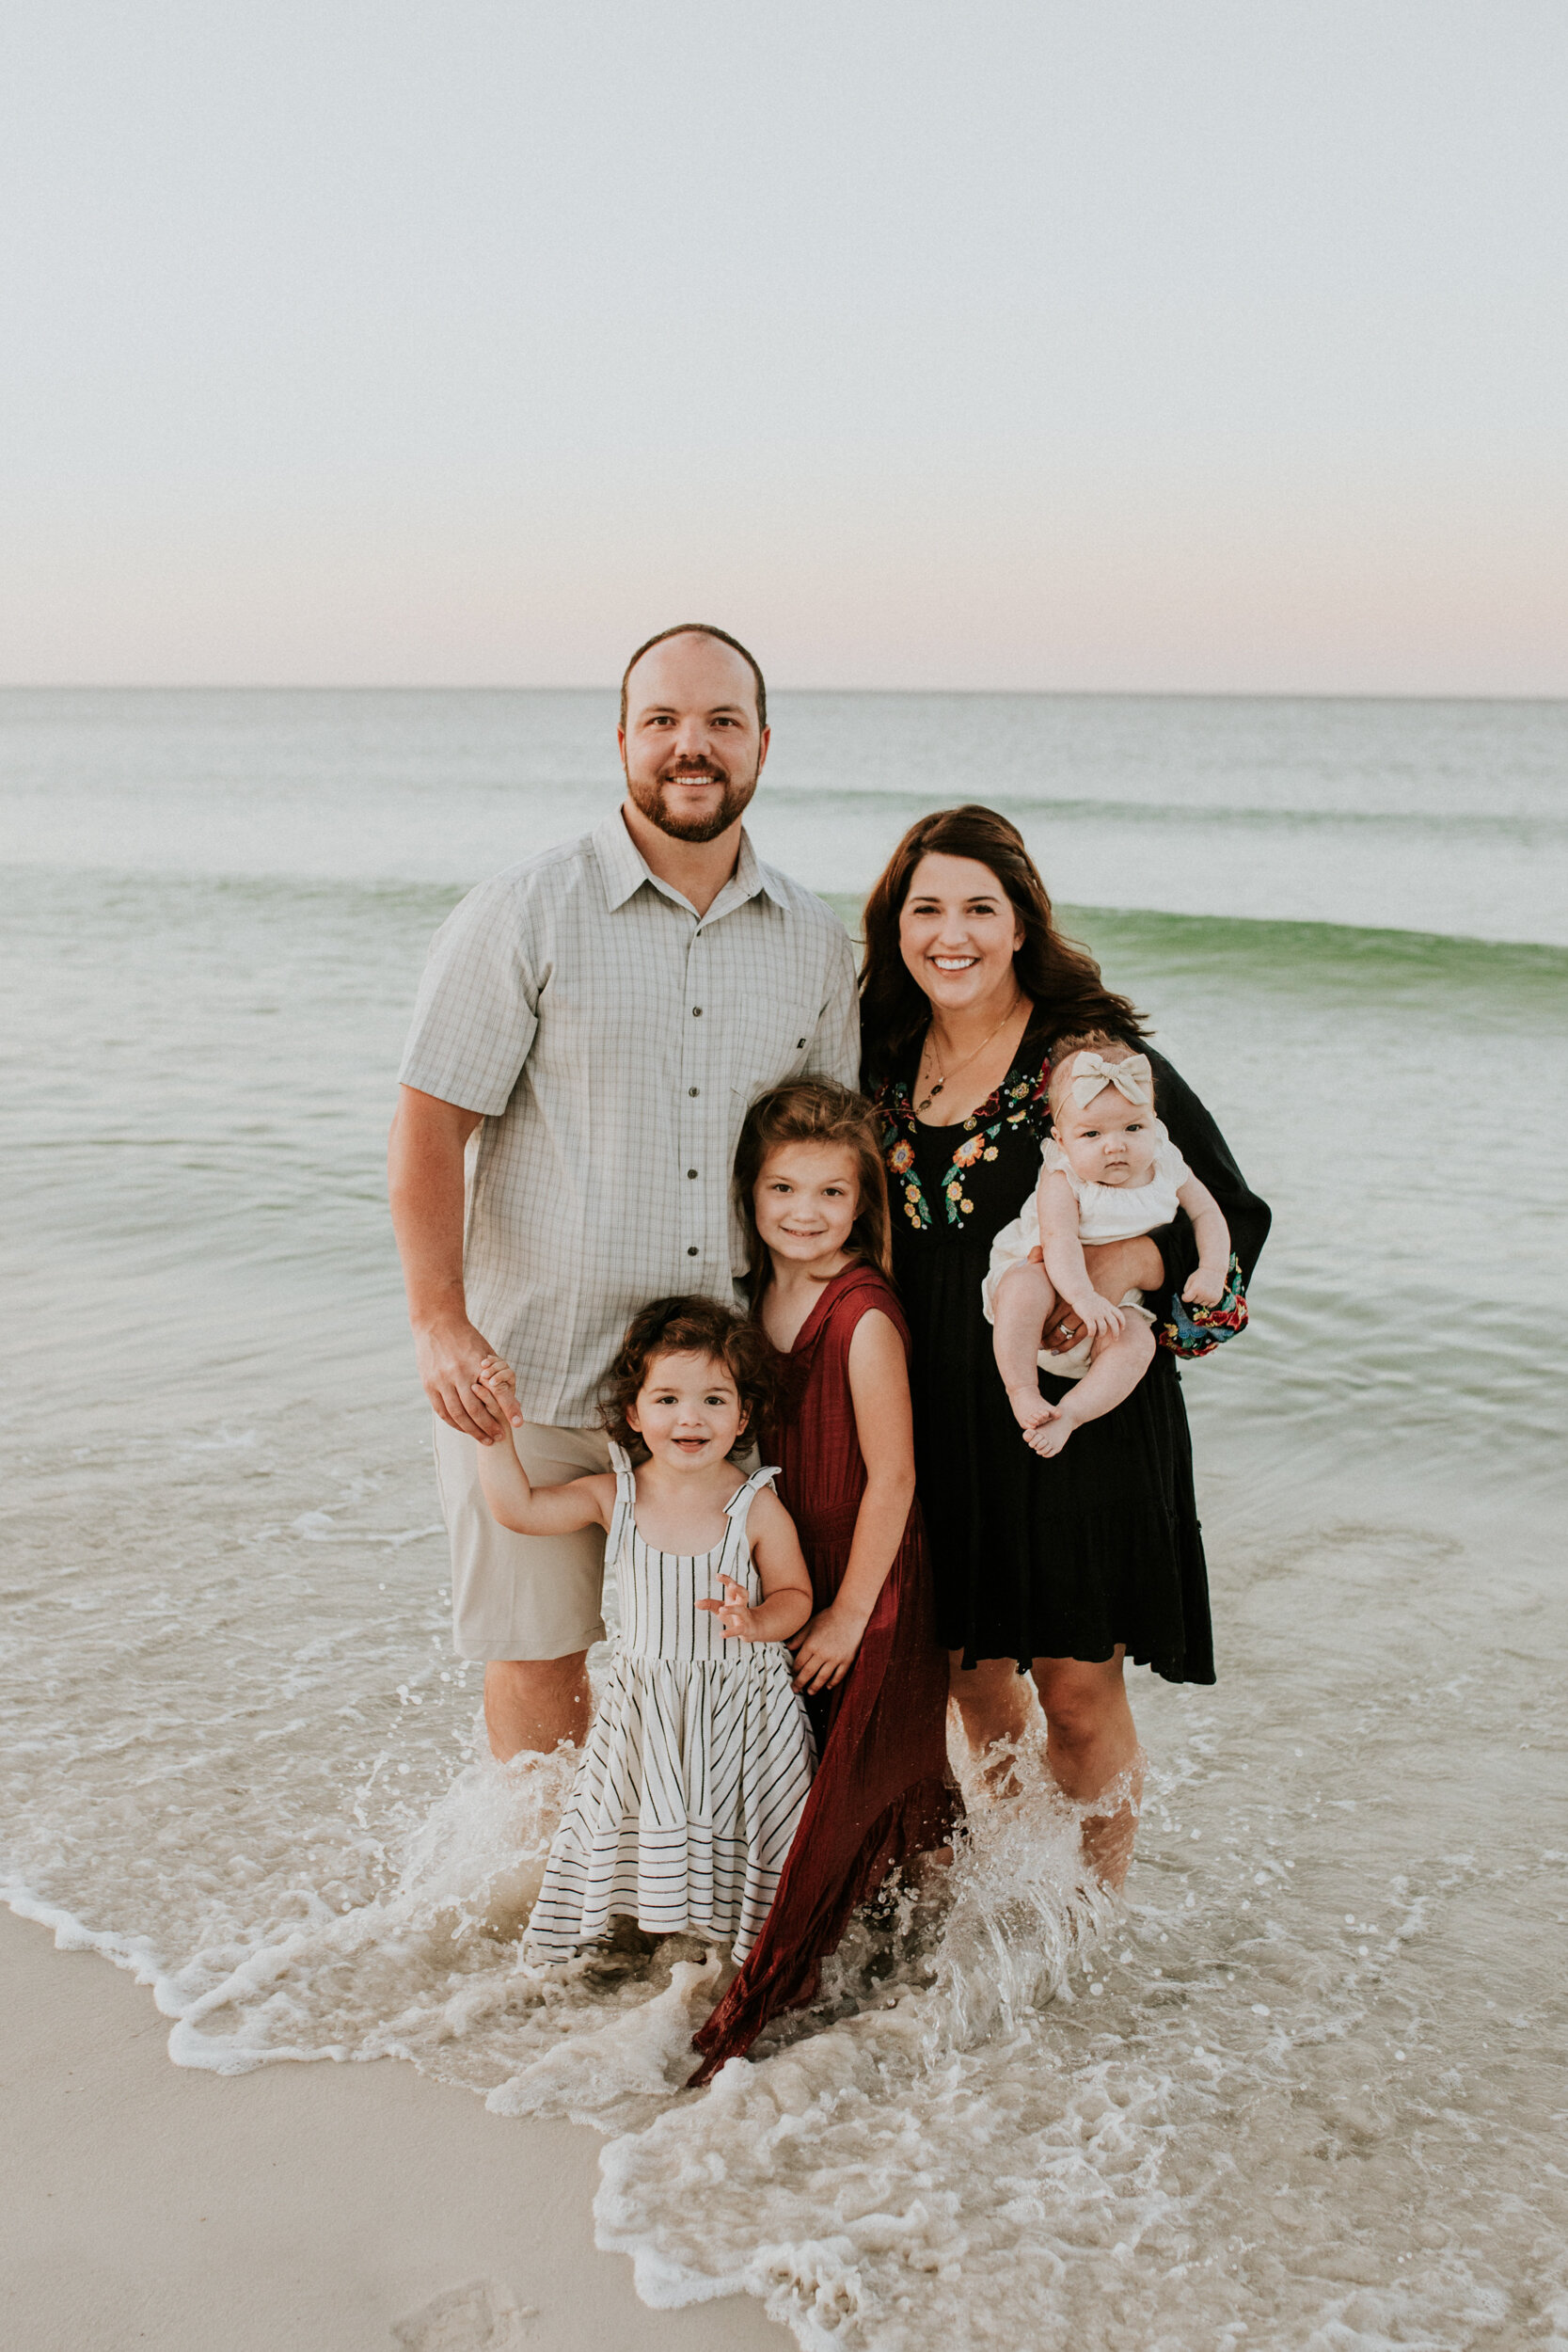 30a_Destin_Rosemary_Beach_Florida_Family_Photographer_Beach_Session-6.jpg